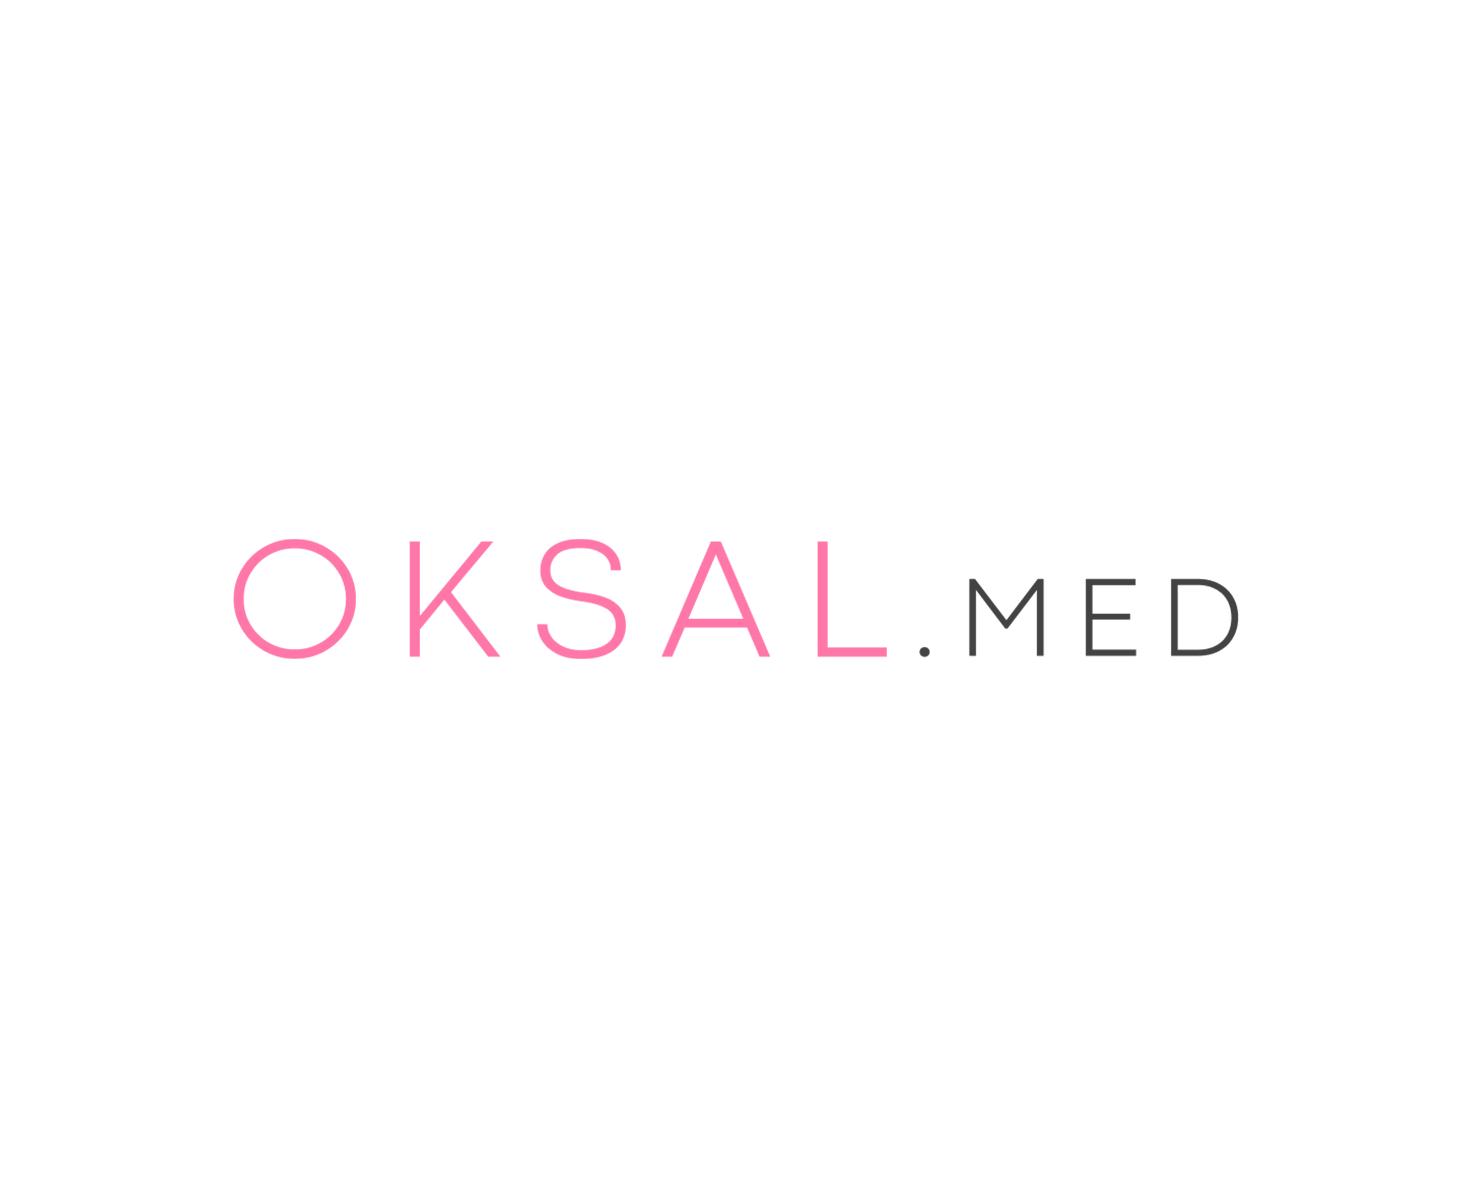 Клиника Клиника OKSALmed (Оксалмед) Киев: описание, услуги, отзывы, рейтинг, контакты, записаться онлайн на сайте h24.ua